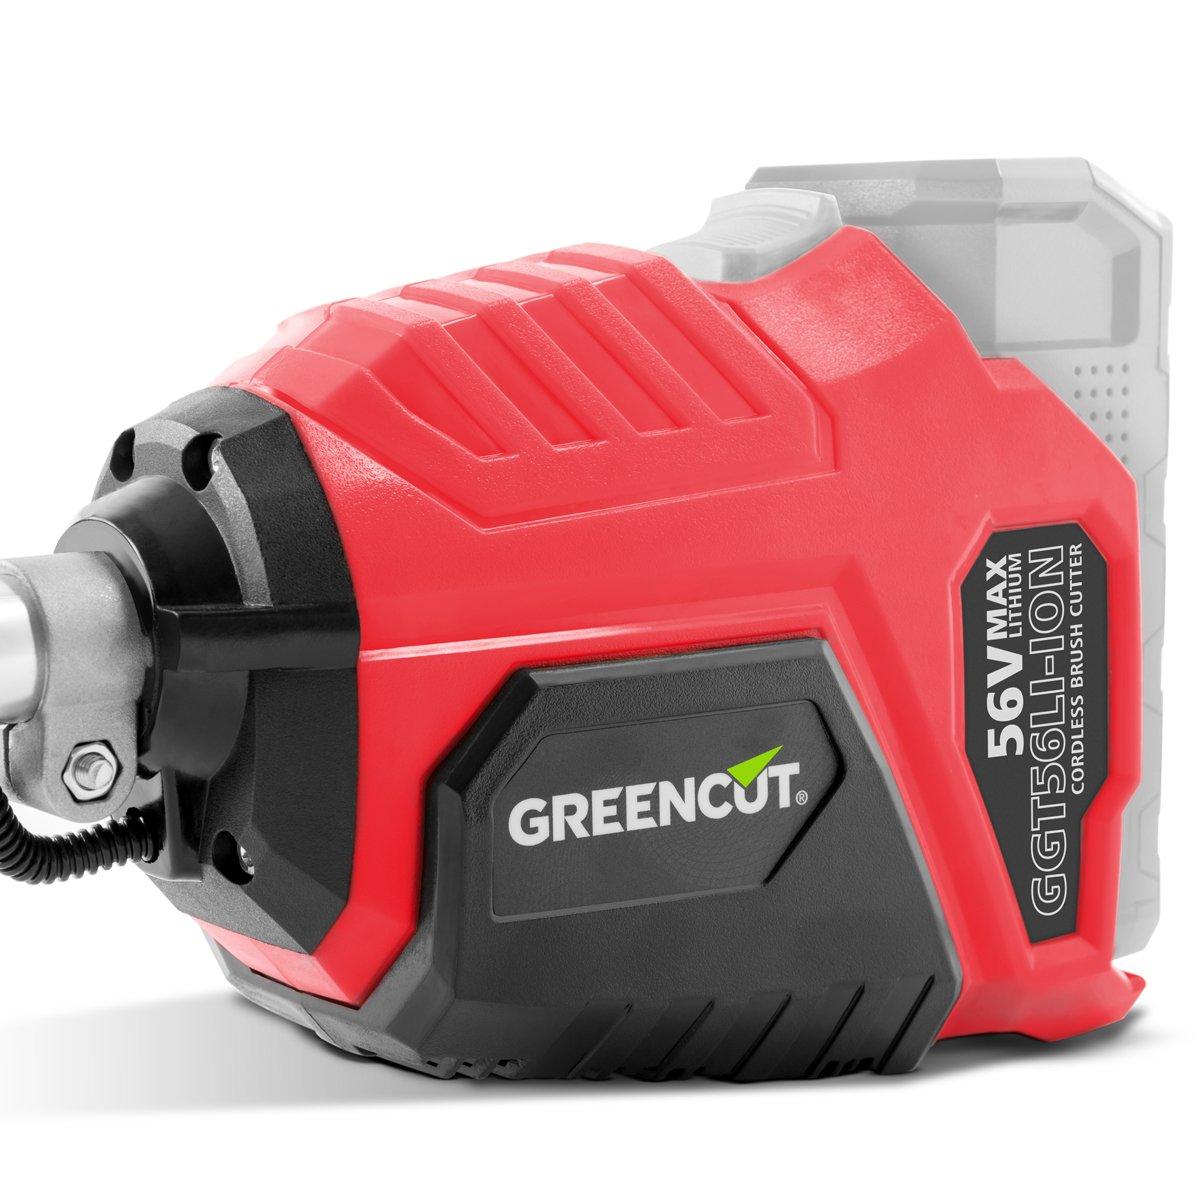 Greencut GGT56LI-ION - Desbrozadora con batería de lítio, 56V - 2 ...